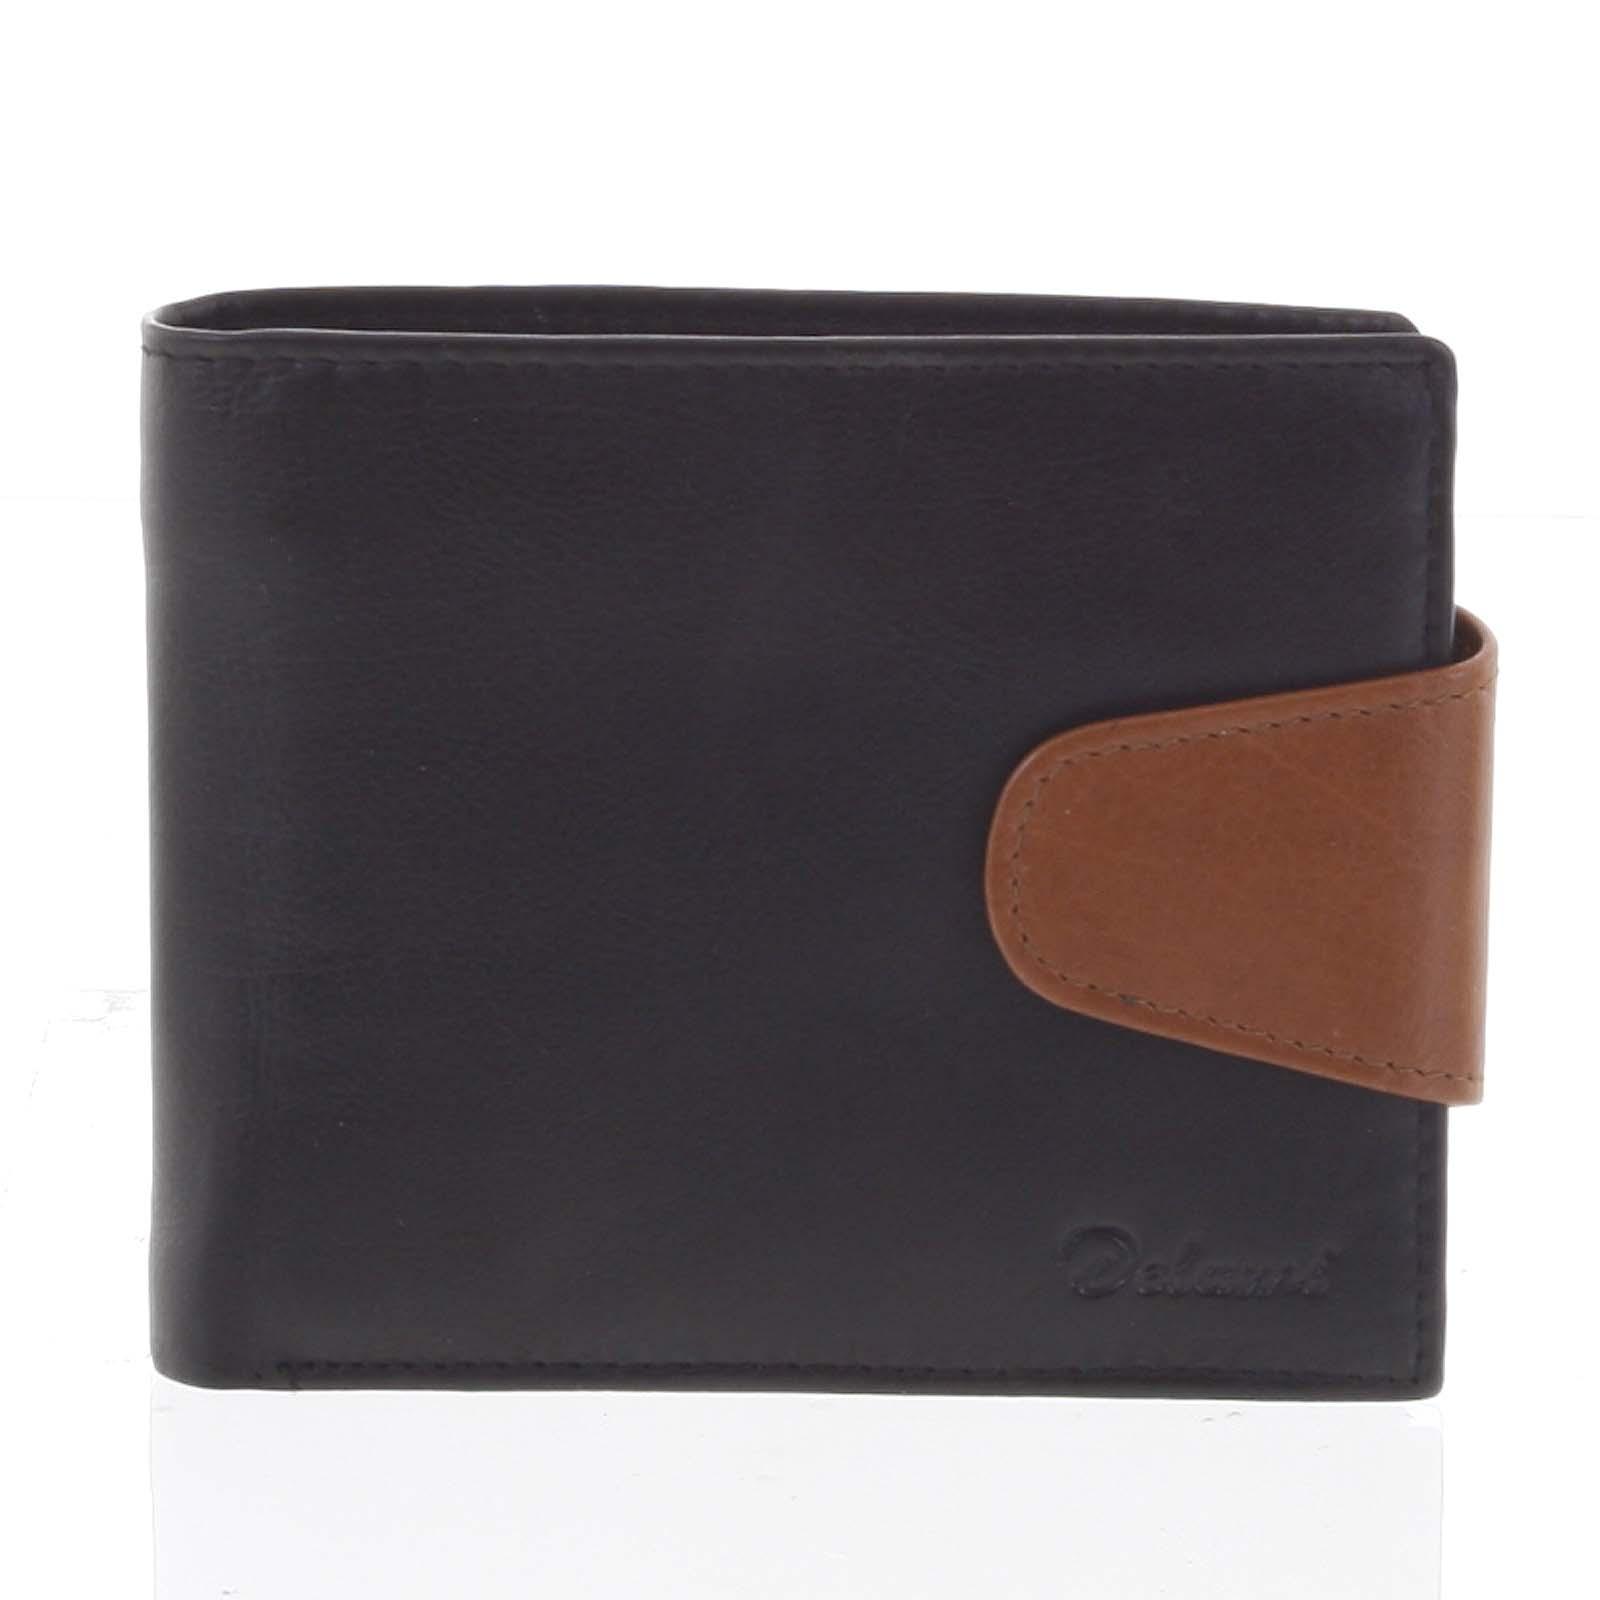 Pánská kožená peněženka černo hnědá - Delami 11816